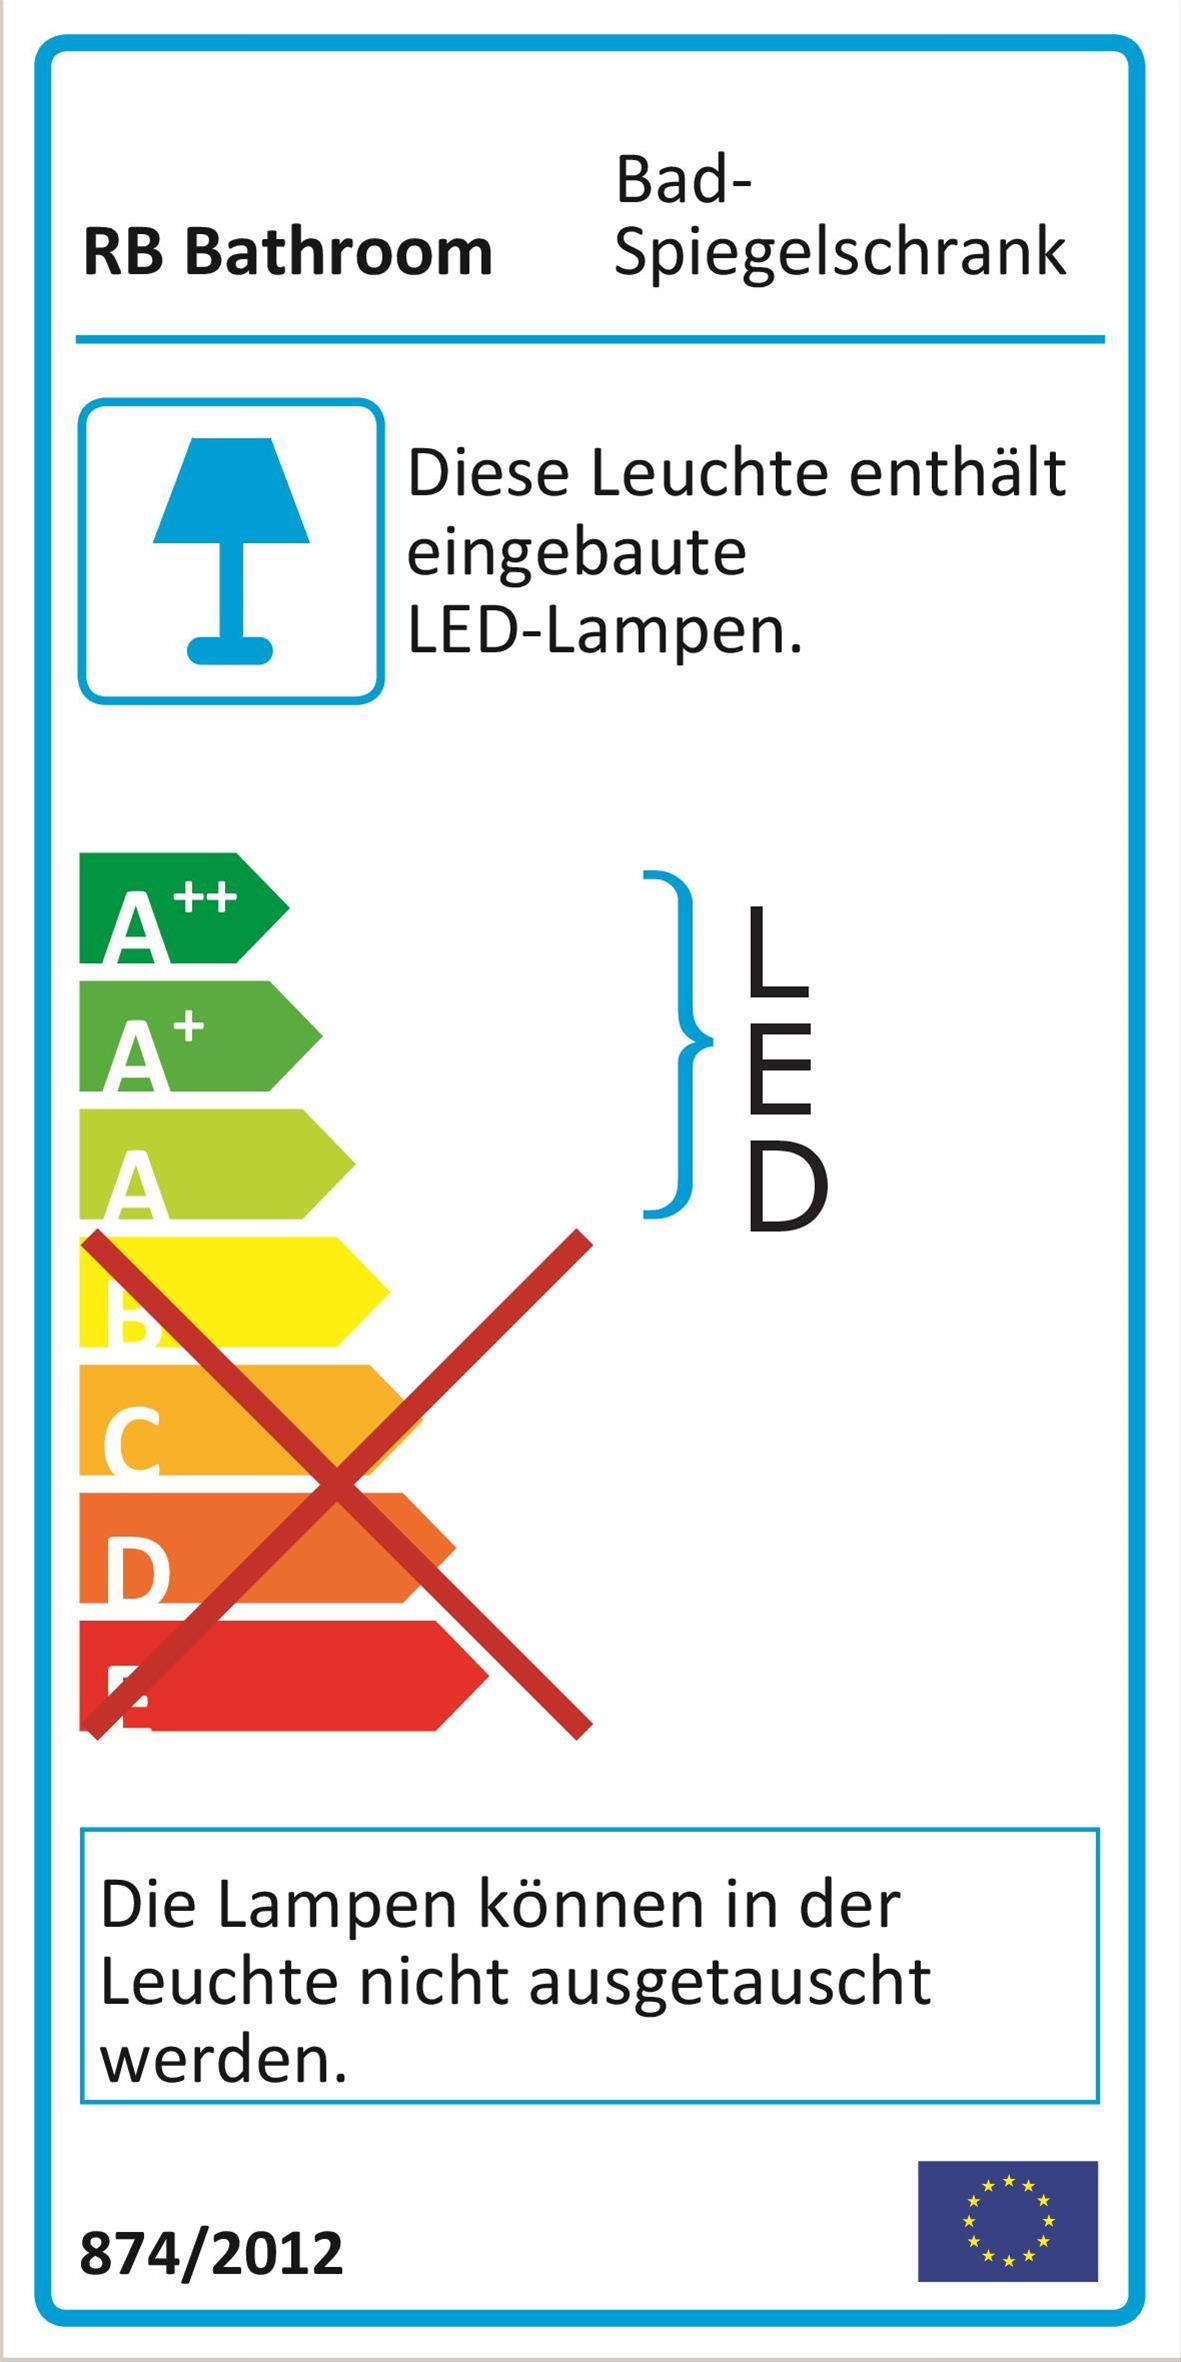 Bad LED Spiegelschrank Scandic 100 Eiche schwarz Bild 5